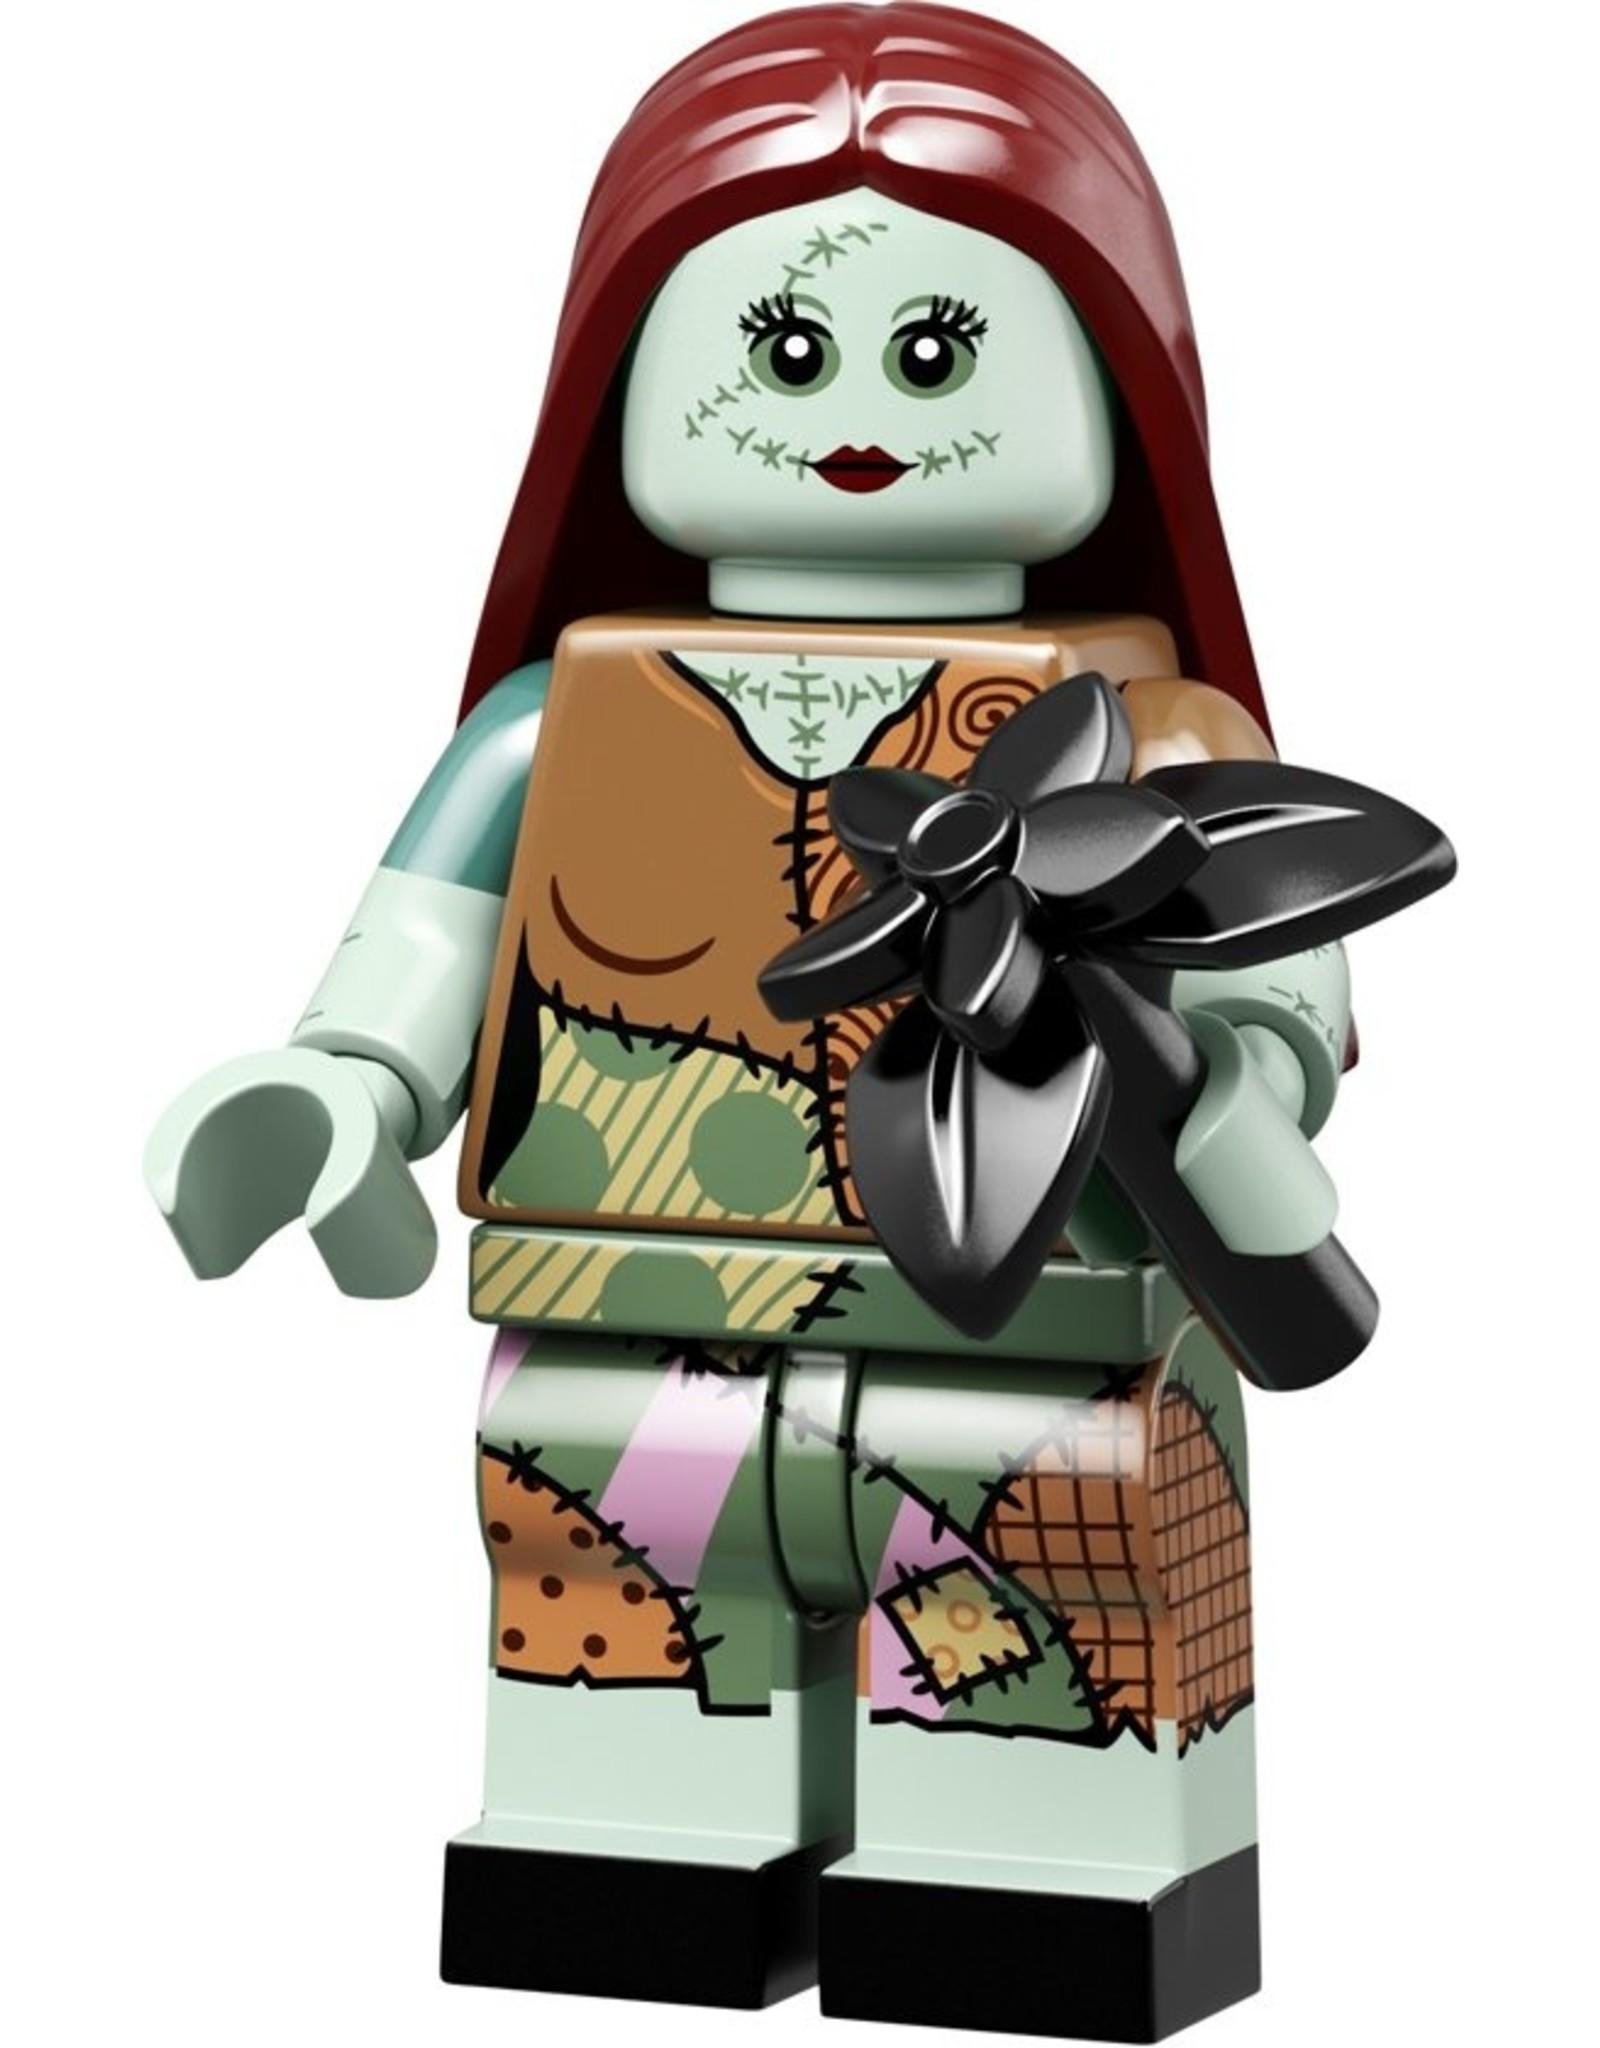 LEGO  LEGO Minifigures Disney Series 2 - Sally 15/18 - 71024